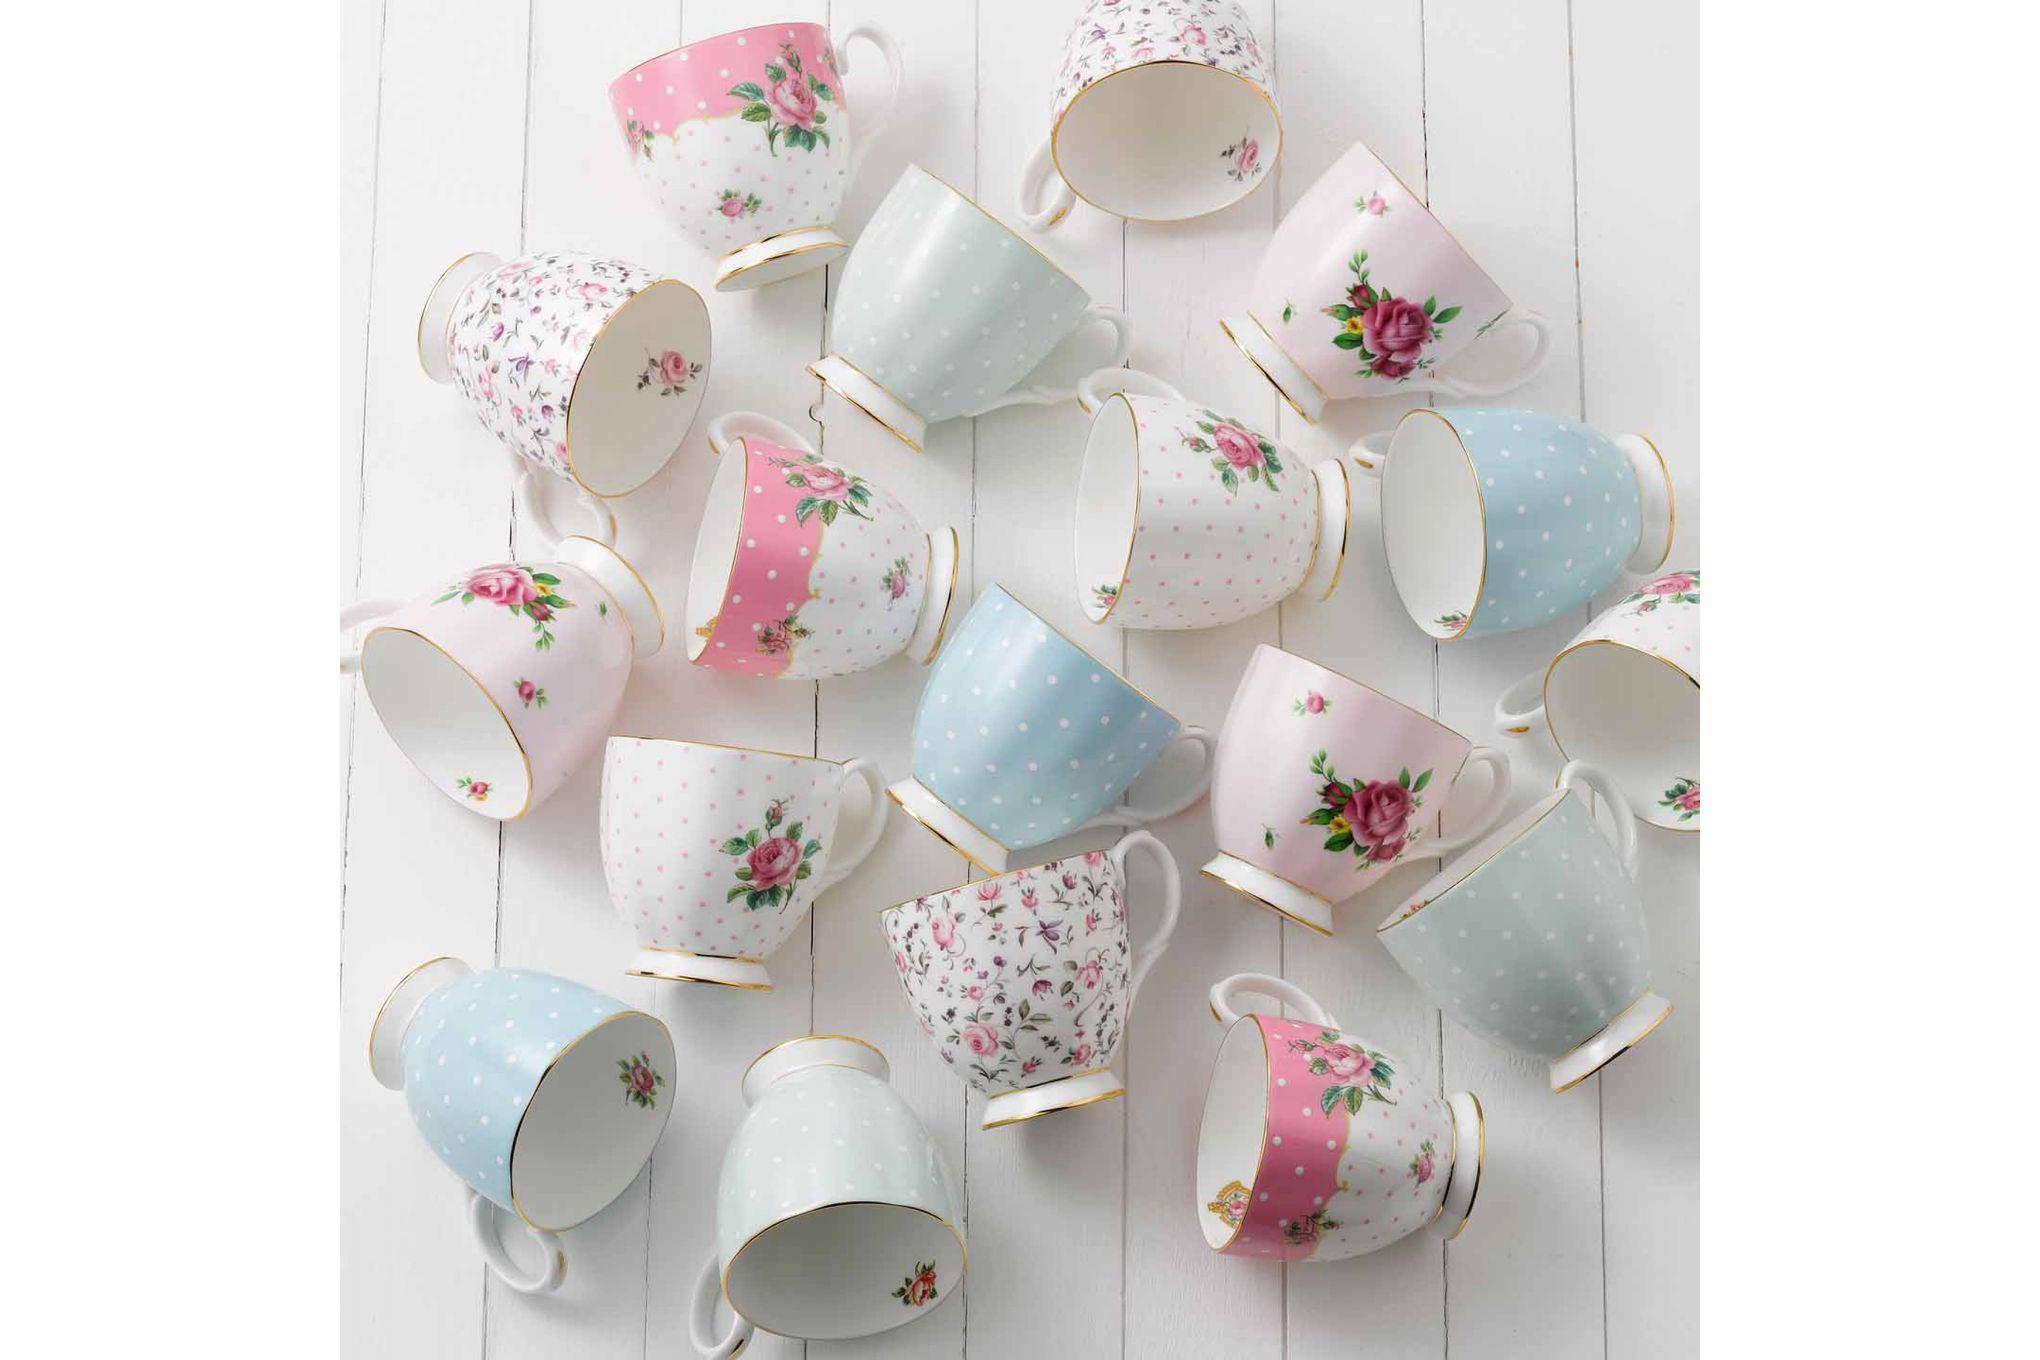 Royal Albert New Country Roses Pink Mug Footed 0.3l thumb 3